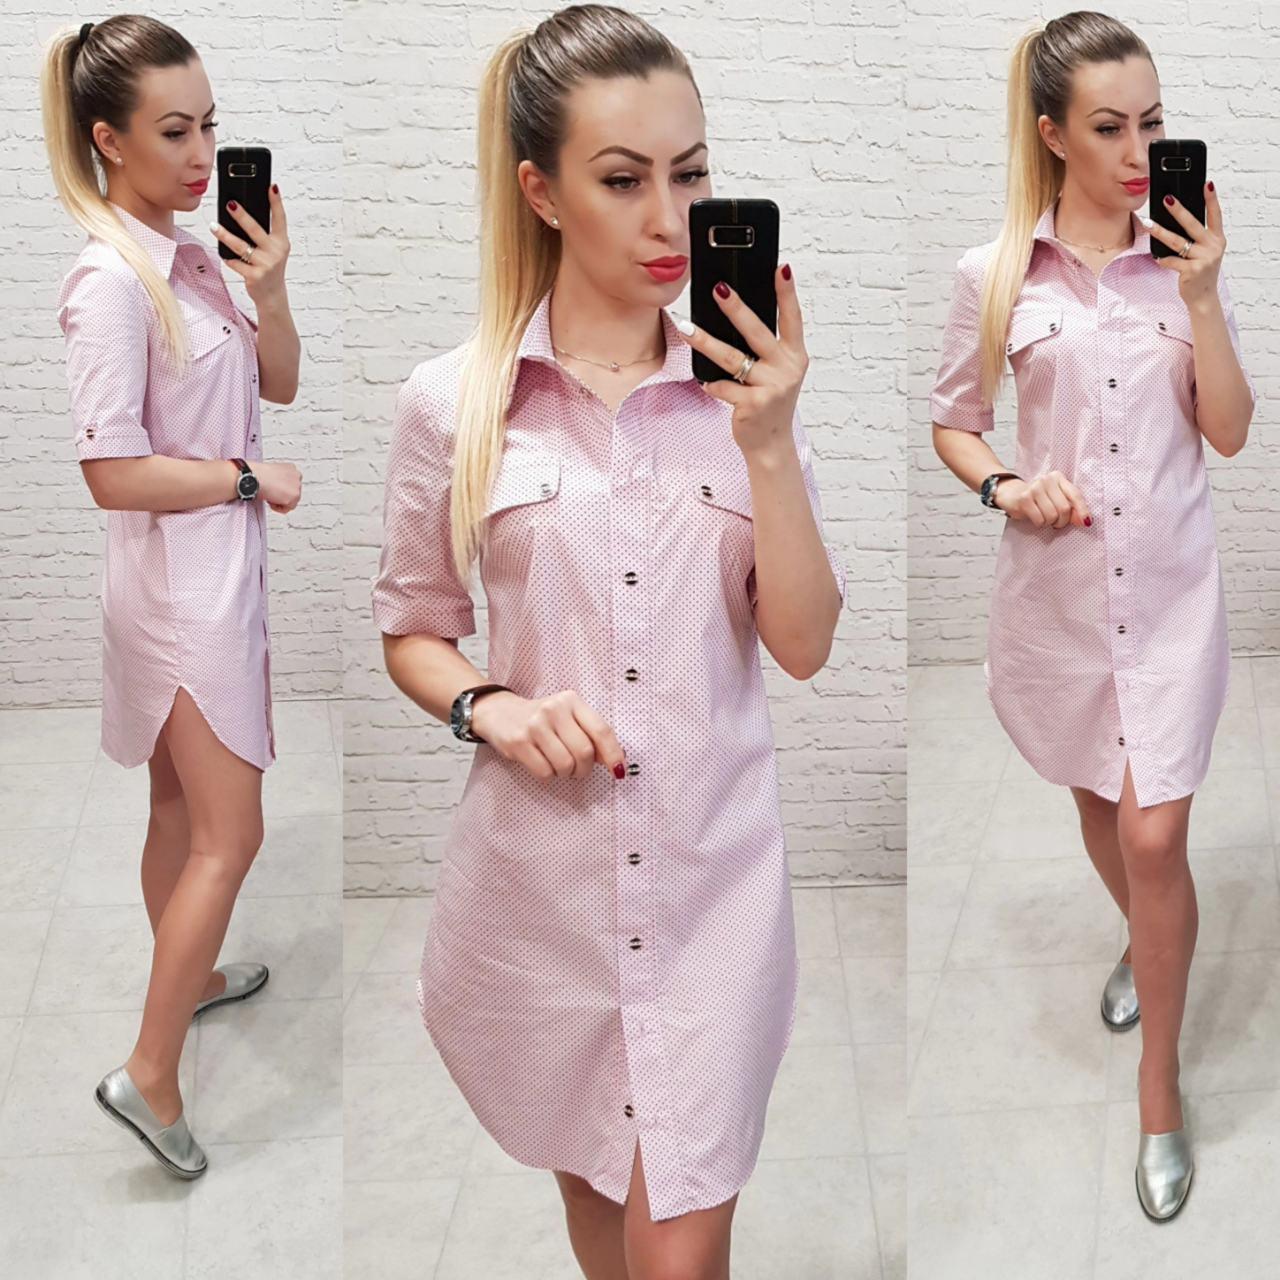 83bd73f239a Платье - рубашка арт 827 розовое в точку - Интернет магазин женской одежды  Khan в Одессе